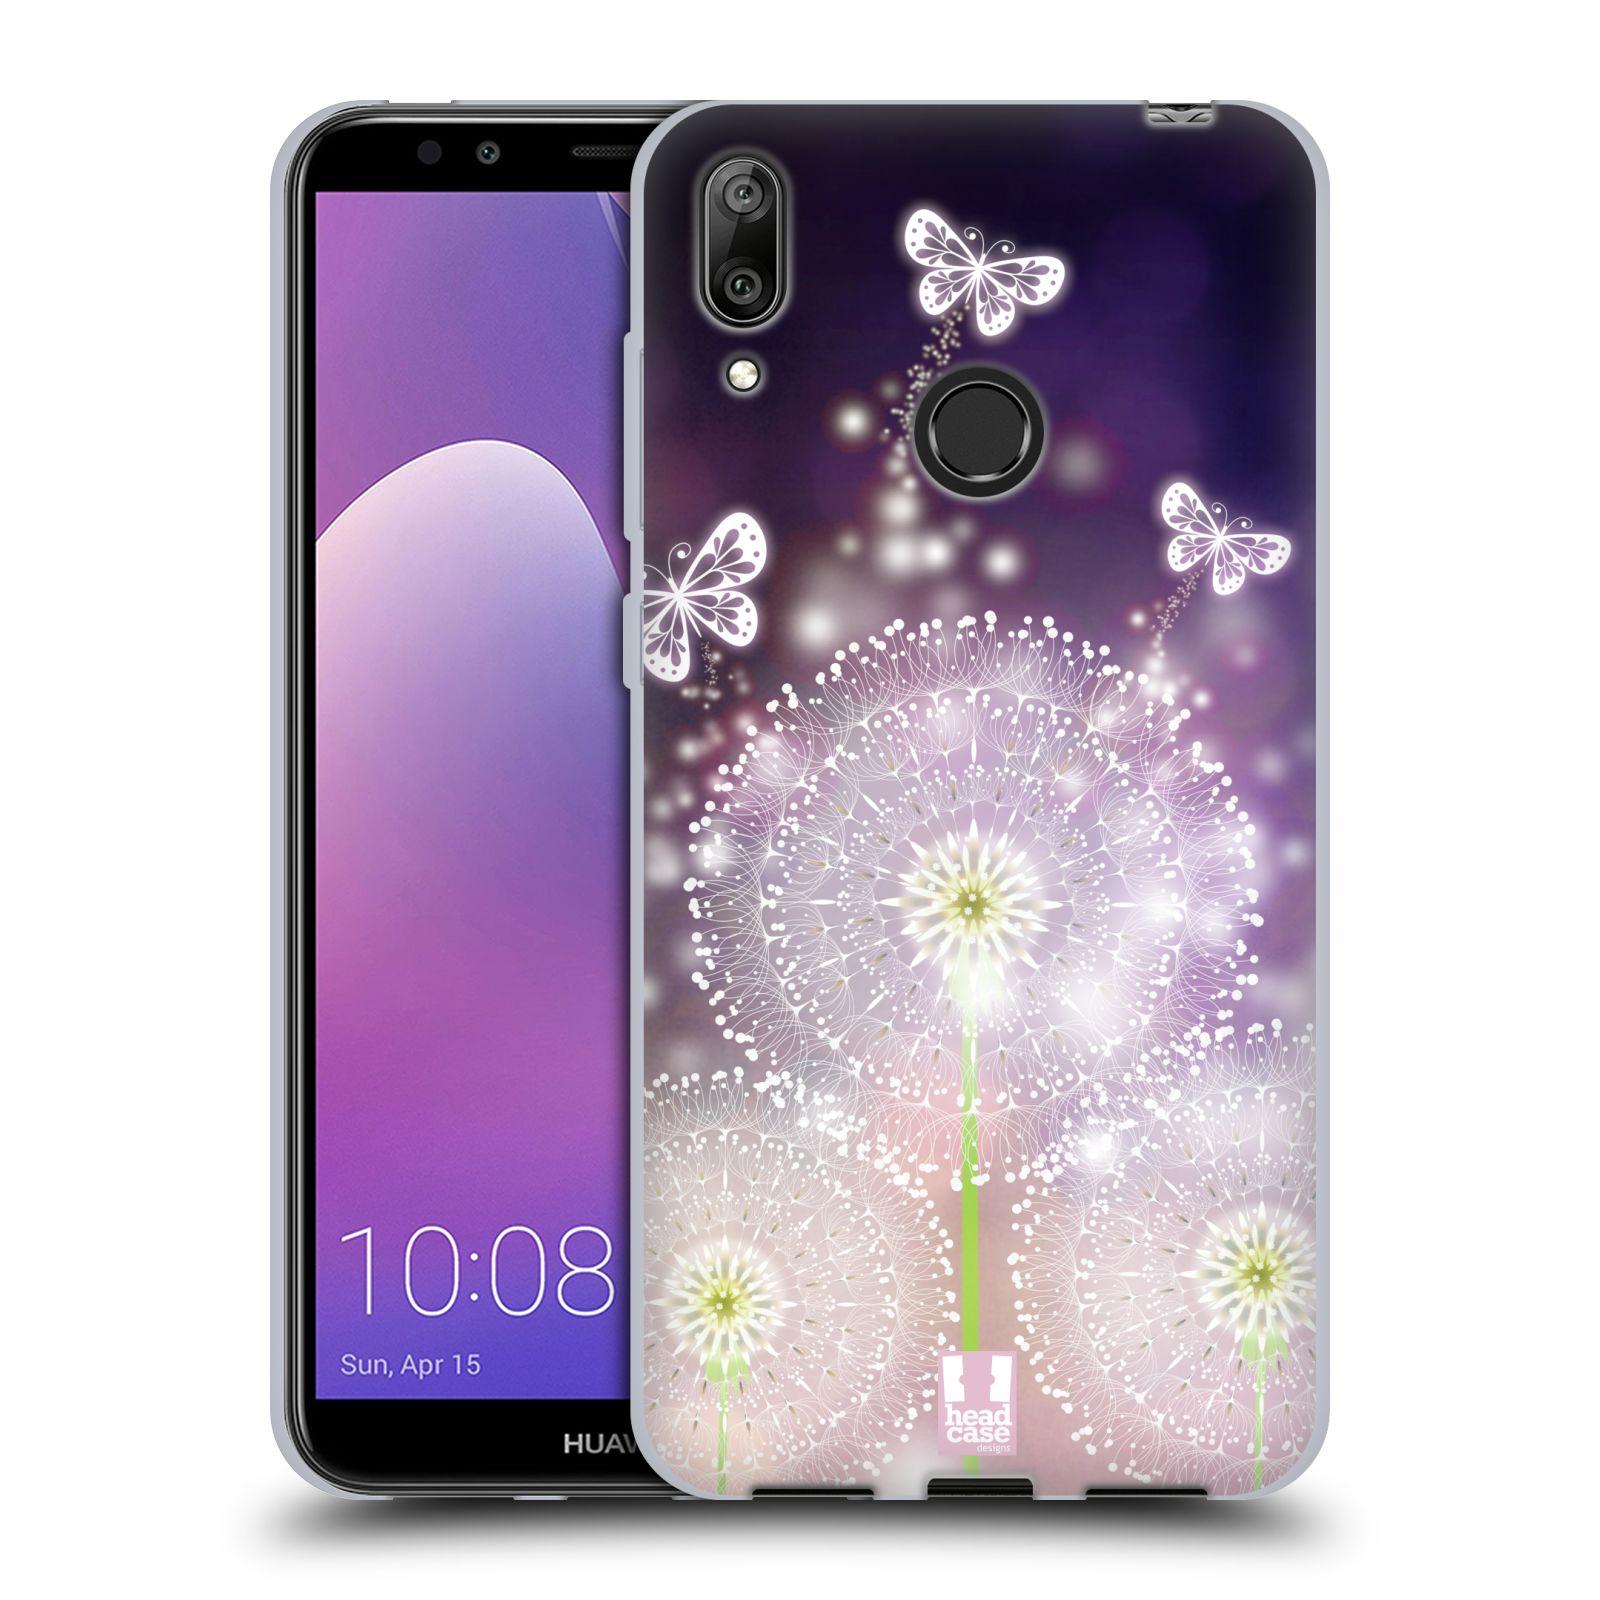 Silikonové pouzdro na mobil Huawei Y7 (2019) - Head Case - Pampelišky a Motýlci